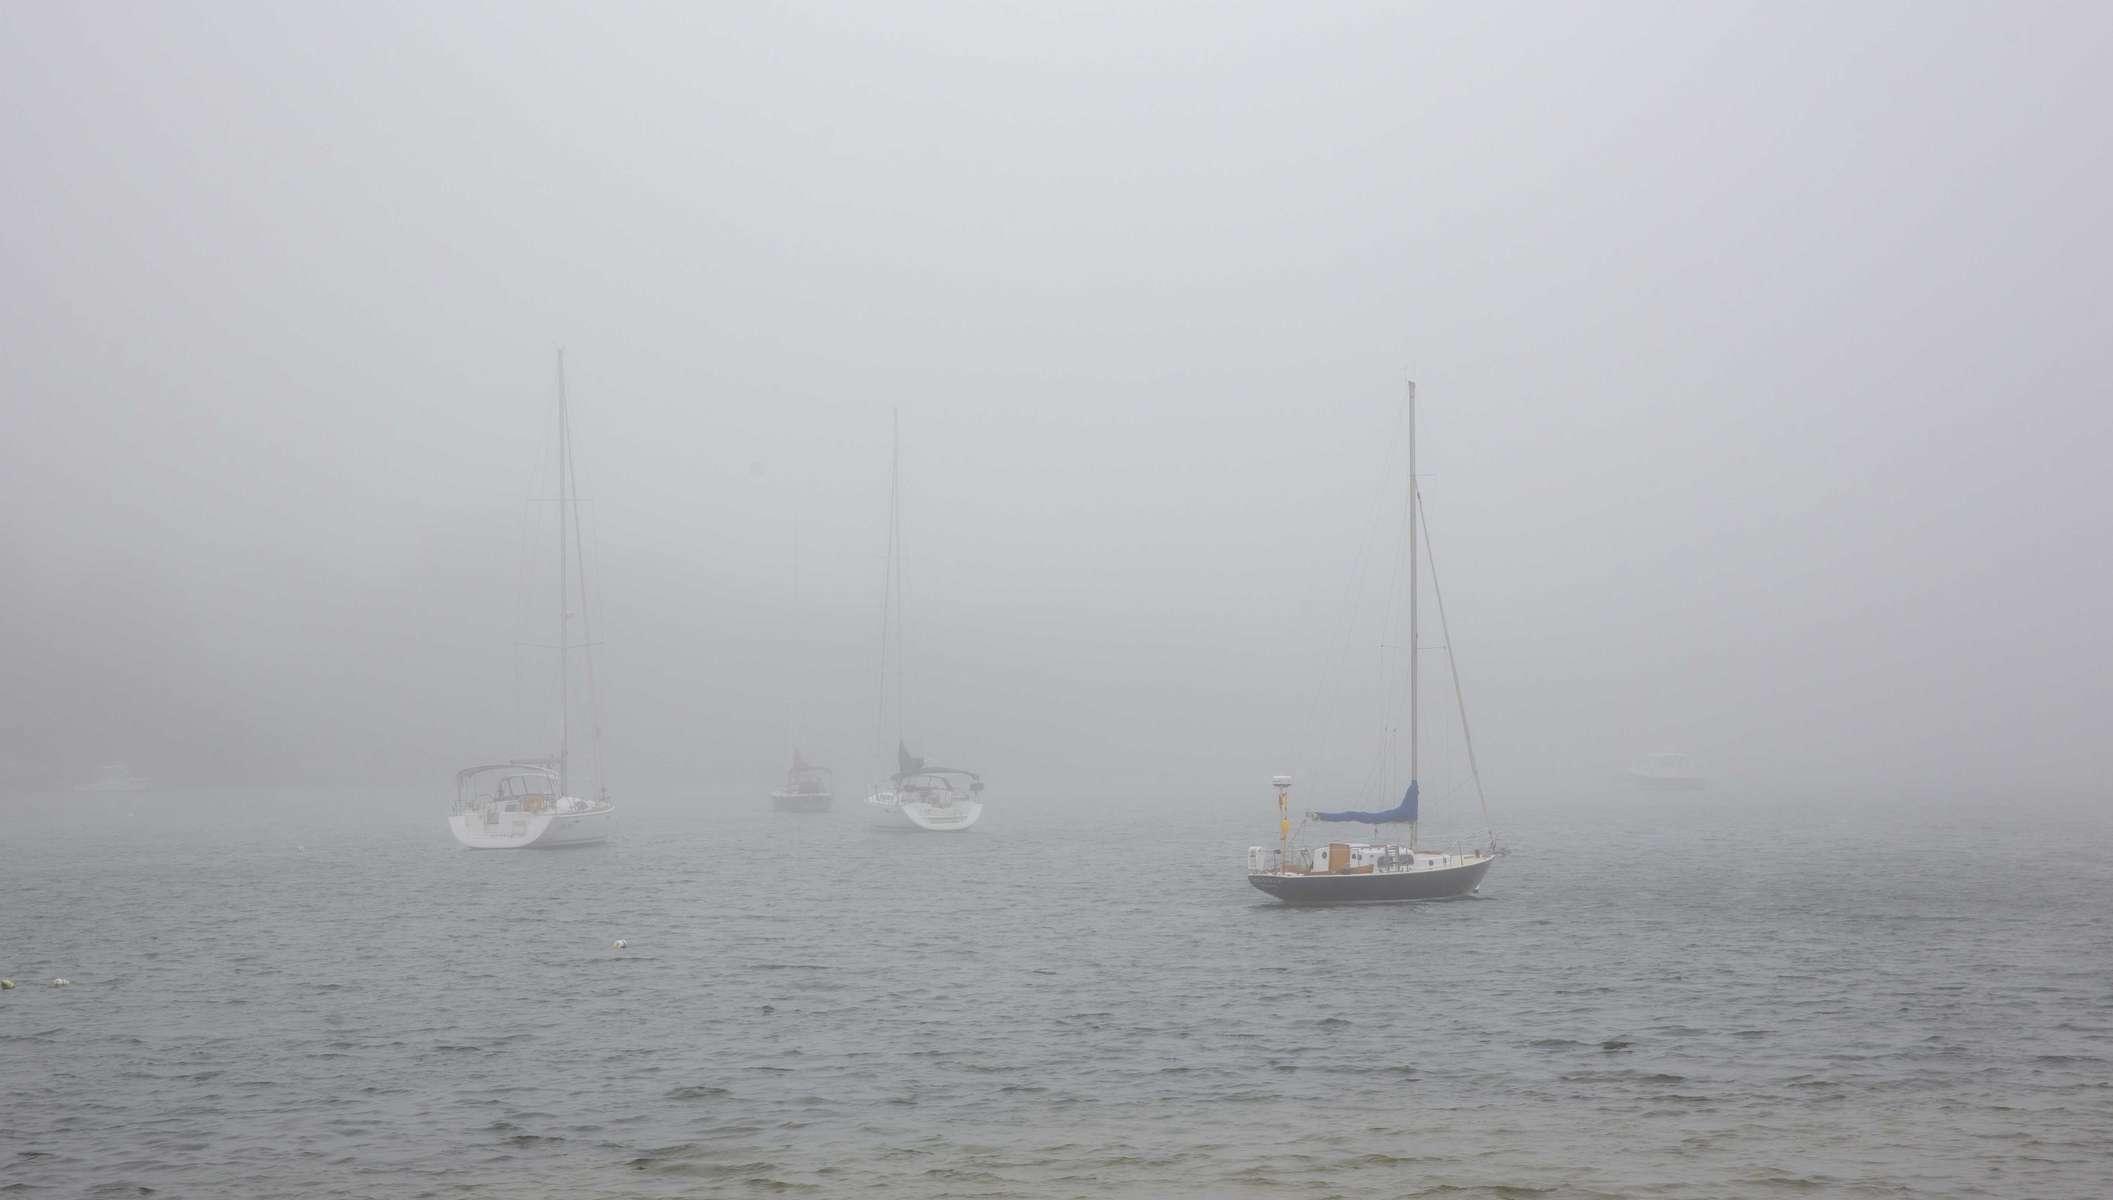 Sailboats-in-Guissett-fog-0Z0C6401